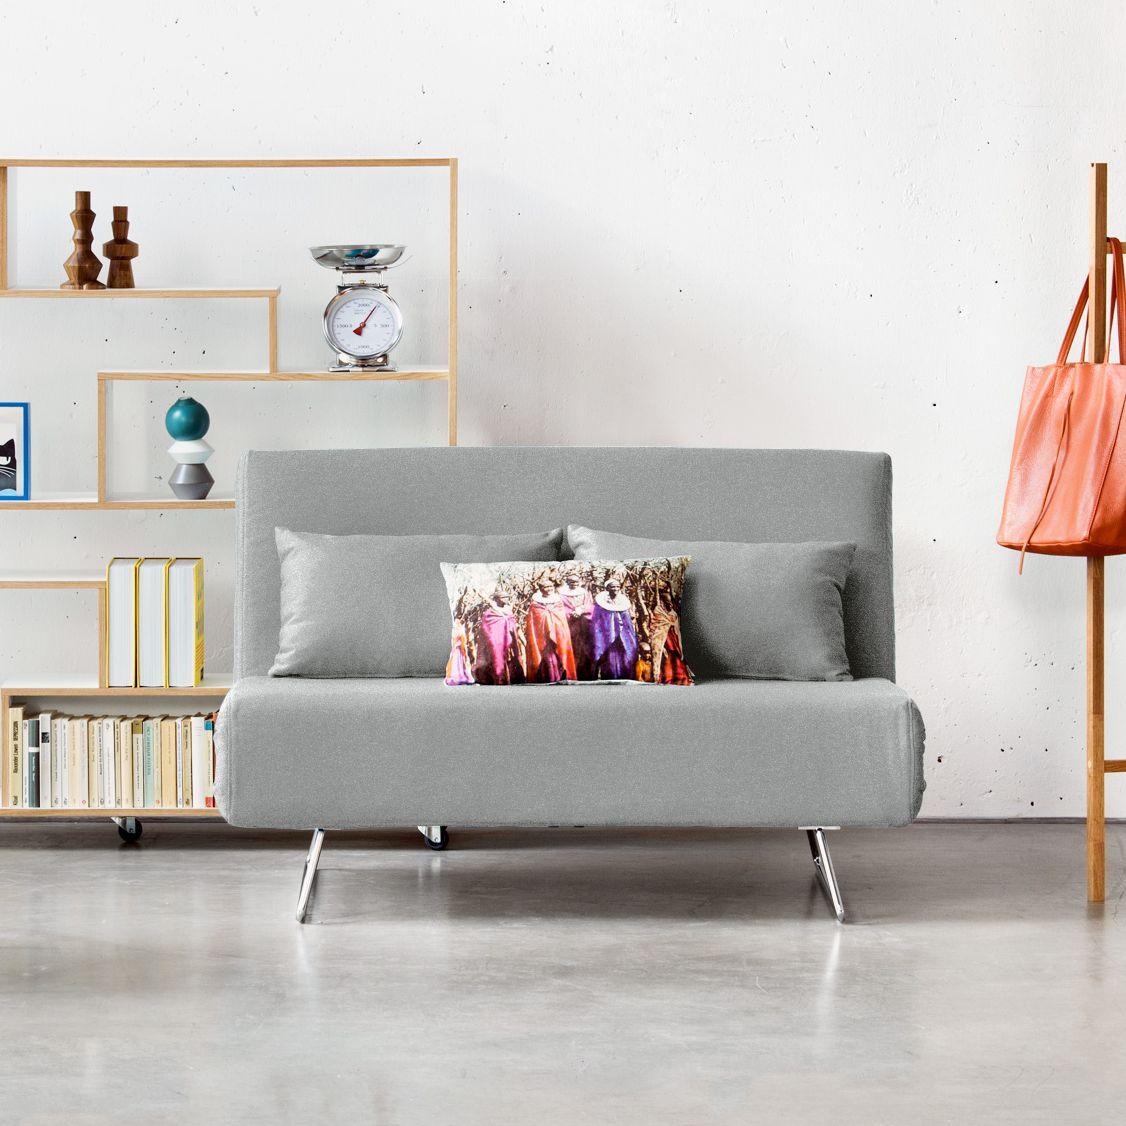 schlafsofa frizzo - webstoff - stoff olessa grau - gästebett, Wohnzimmer dekoo